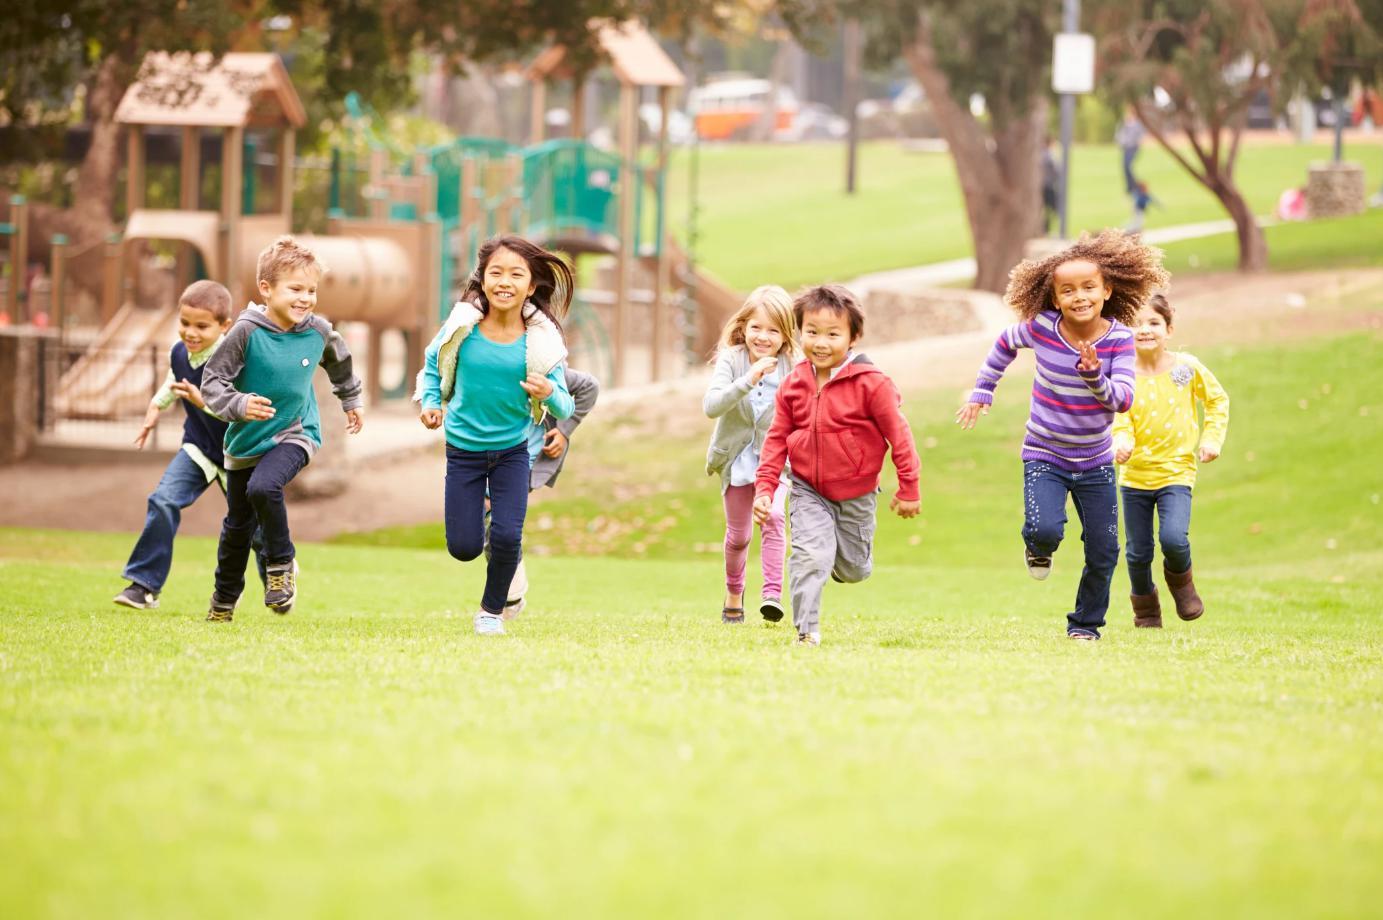 Trẻ bị sốt có nên nằm điều hòa không- Cho trẻ ra ngoài vận động-1